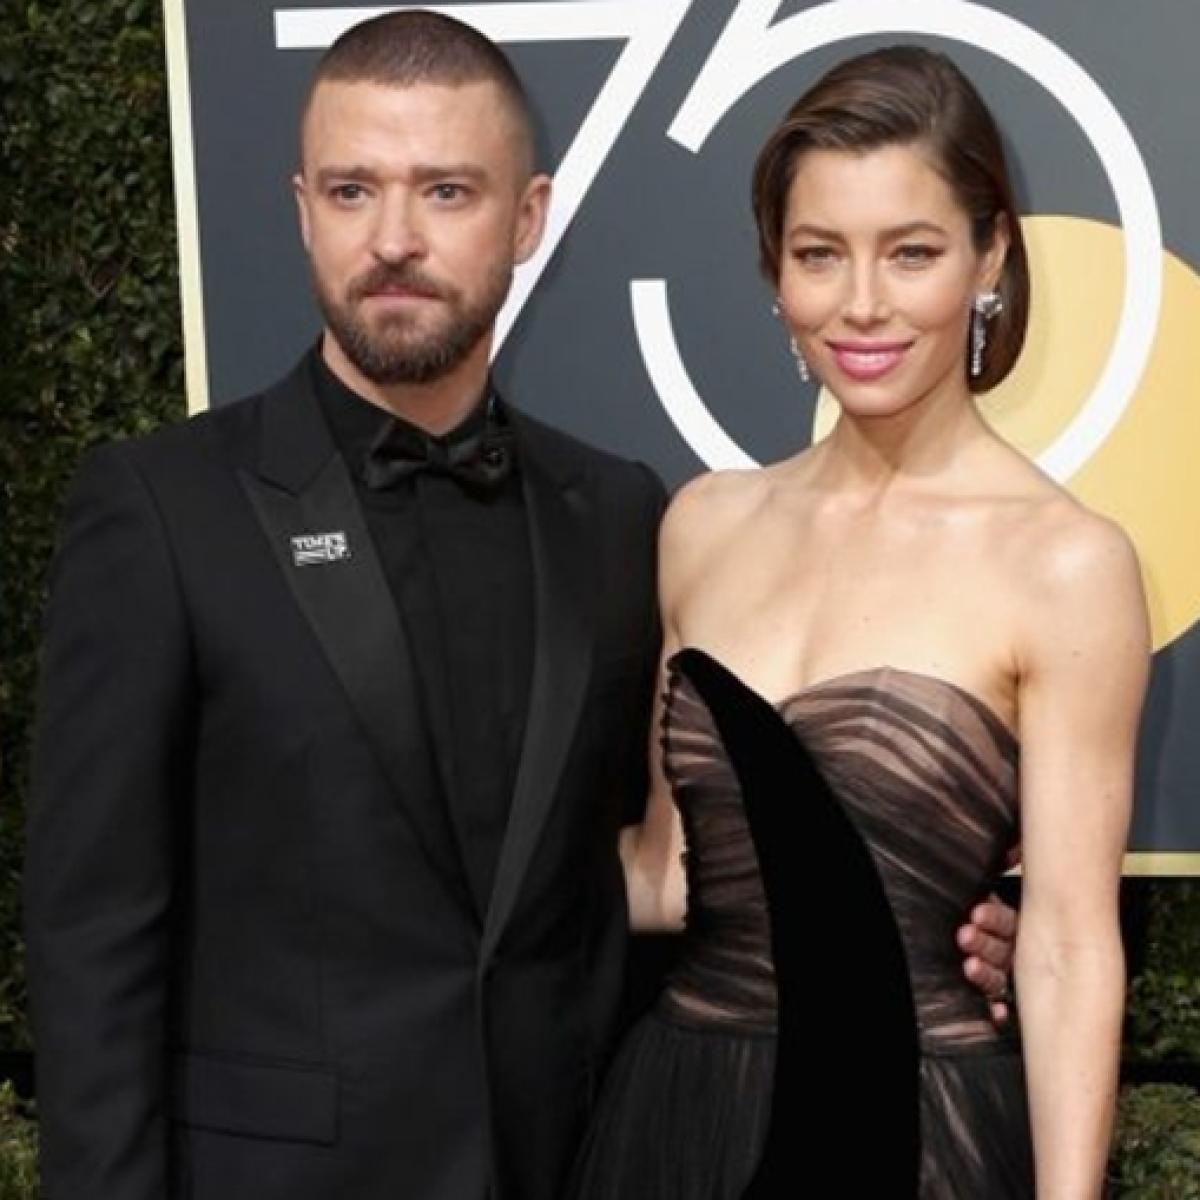 Justin Timberlake pranked at Paris Fashion Week